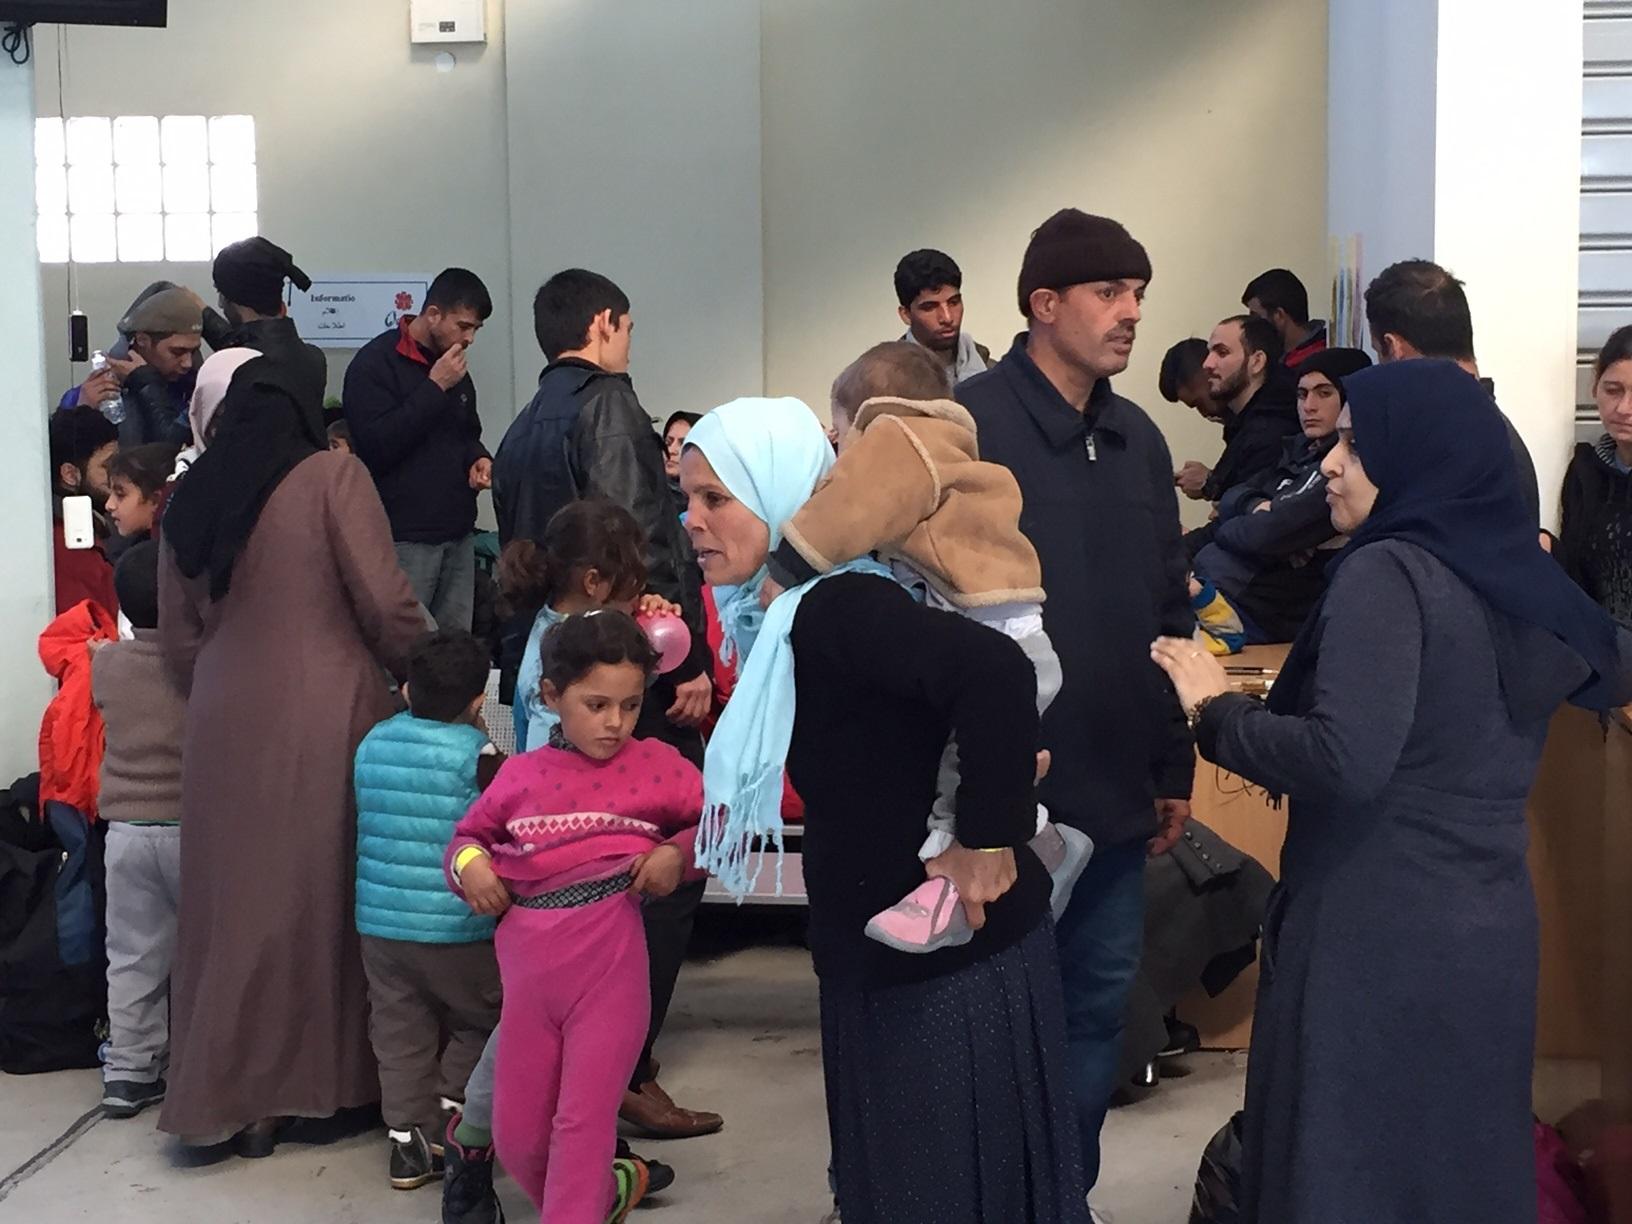 Στα θρανία γιατροί και εργαζόμενοι για την περίθαλψη των προσφύγων! Τι οργανώνει το υπ.Υγείας